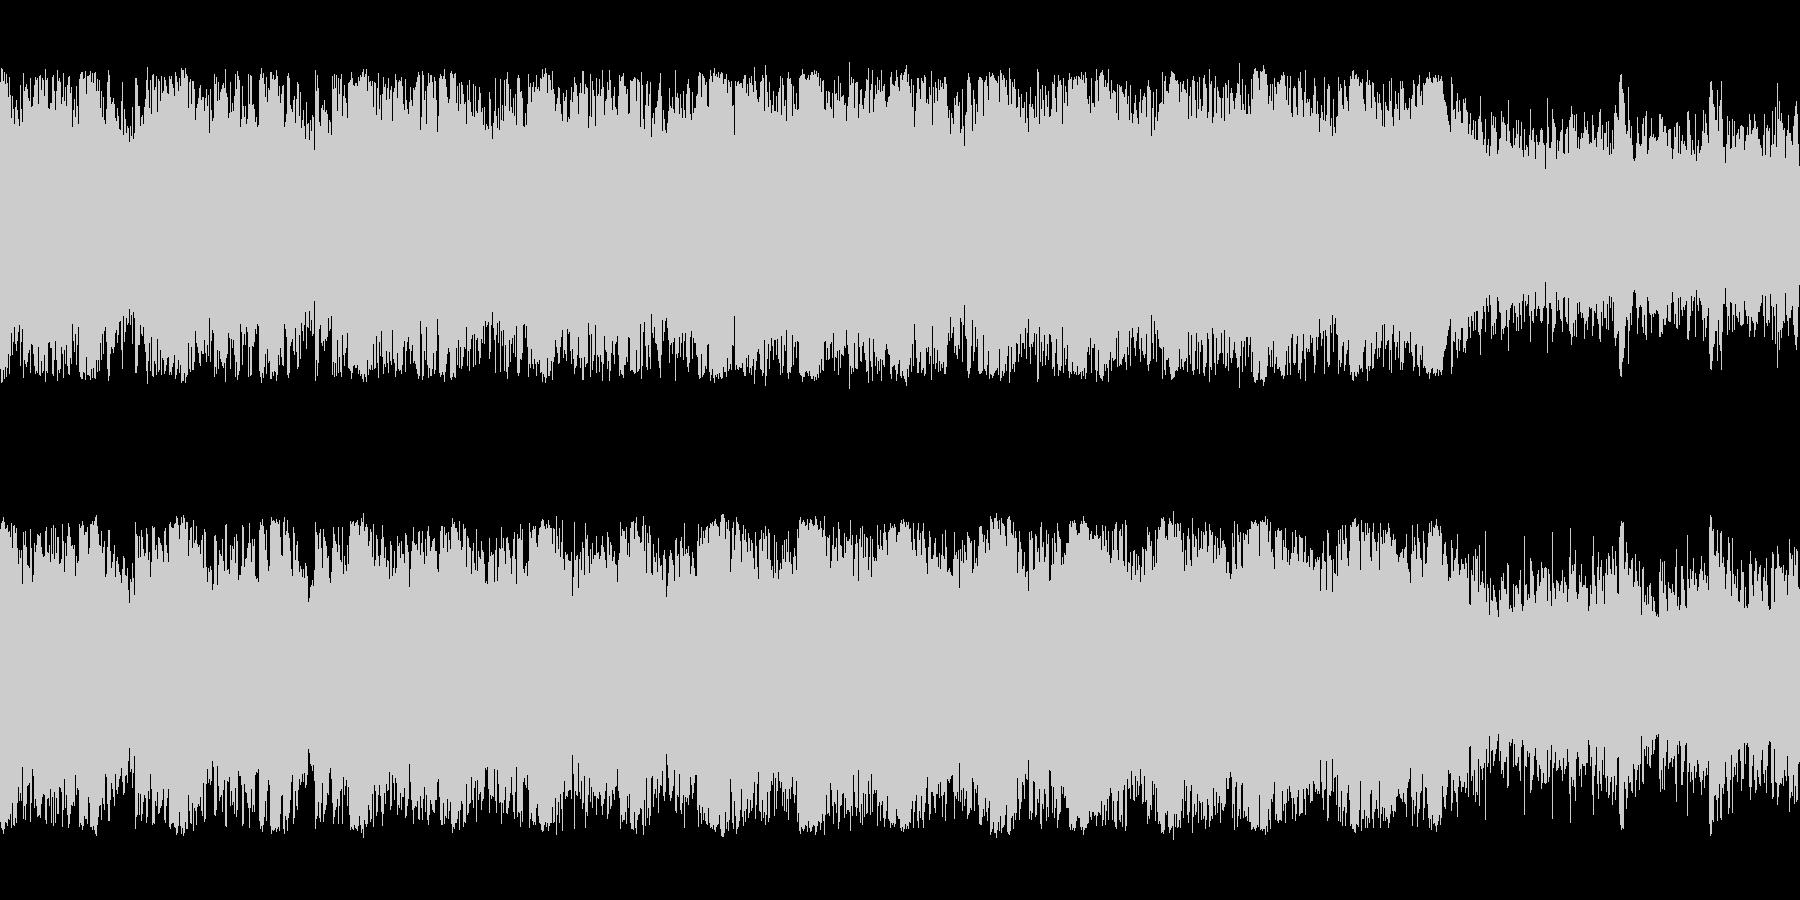 緊迫感のあるオーケストラ編成の暗いBGMの未再生の波形